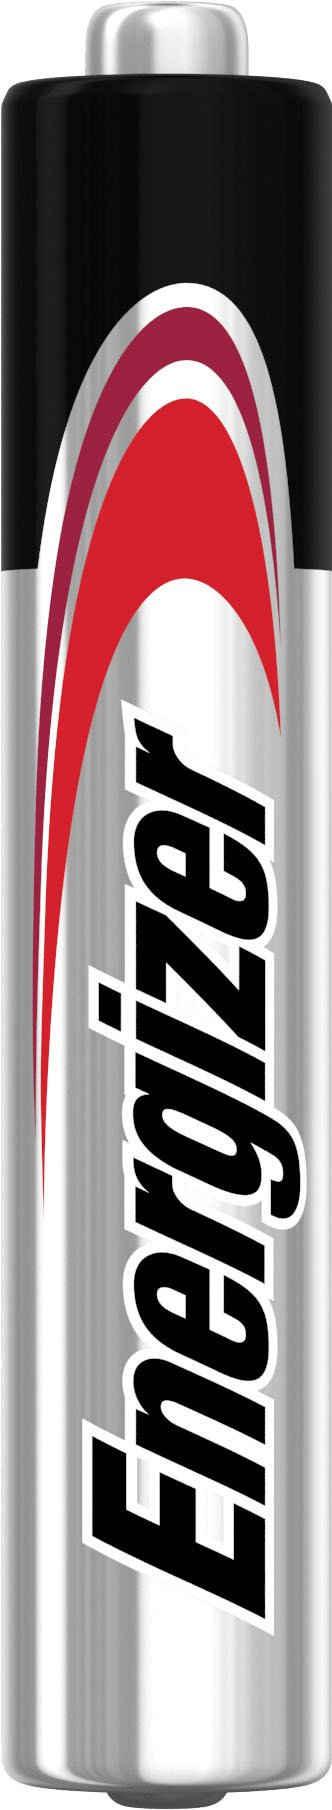 Energizer »Alkali Mangan Piccolo E96 (AAAA) 2 Stück« Batterie, (1,5 V)